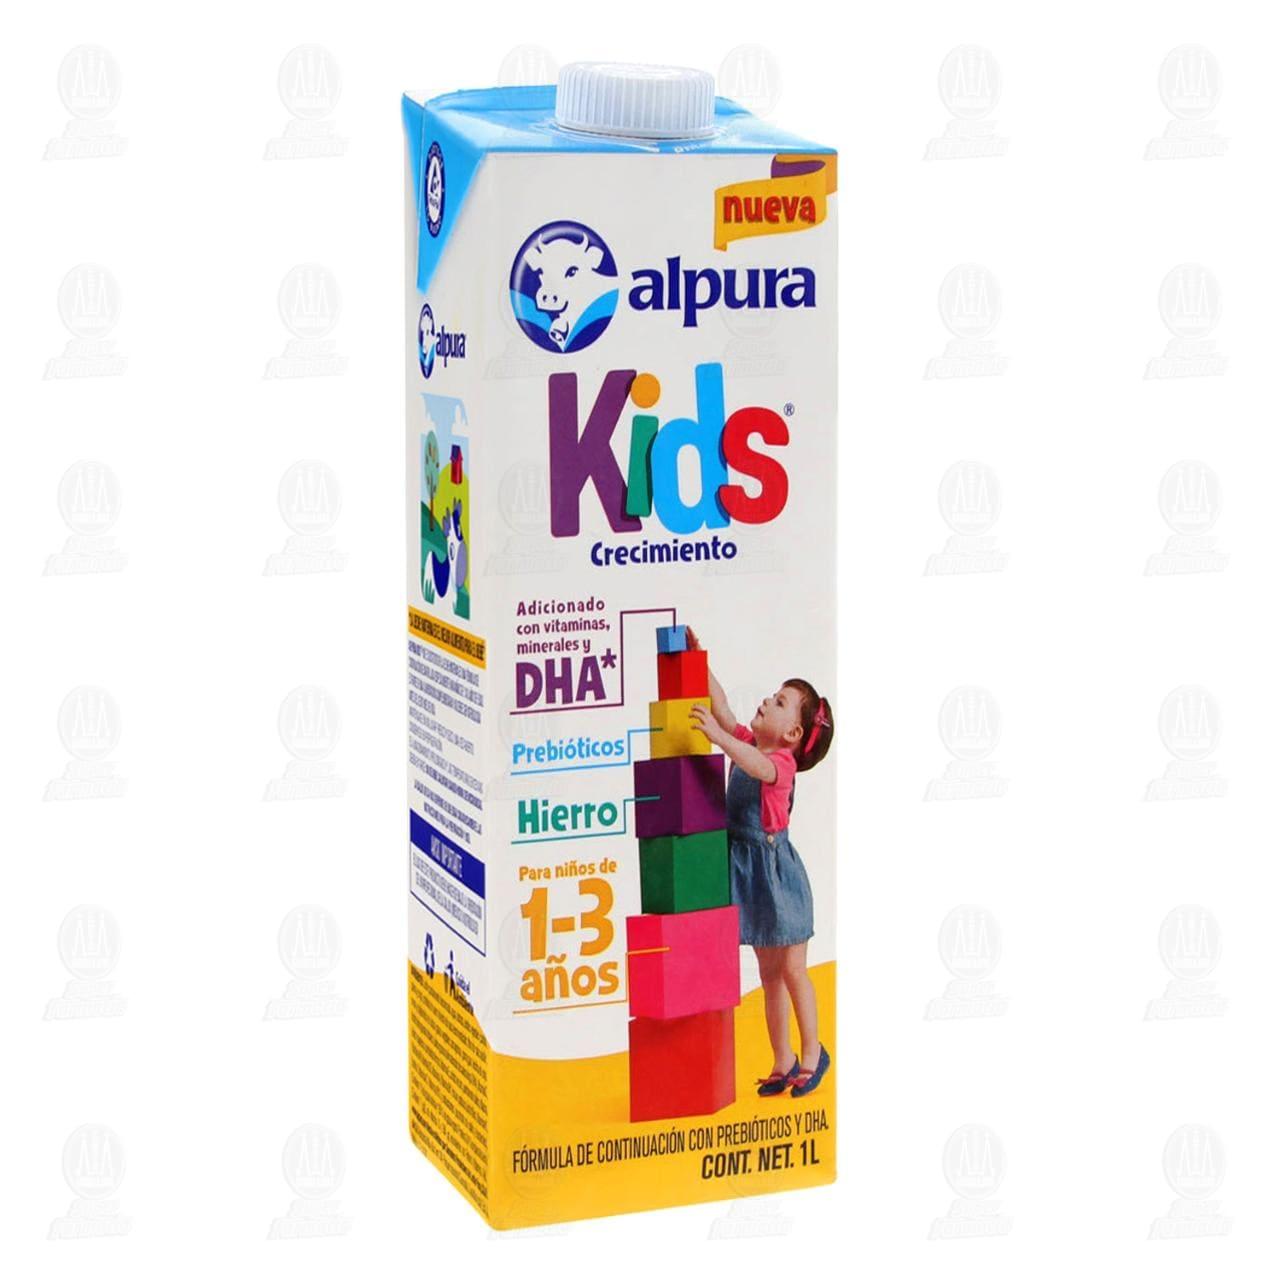 comprar https://www.movil.farmaciasguadalajara.com/wcsstore/FGCAS/wcs/products/1223518_A_1280_AL.jpg en farmacias guadalajara